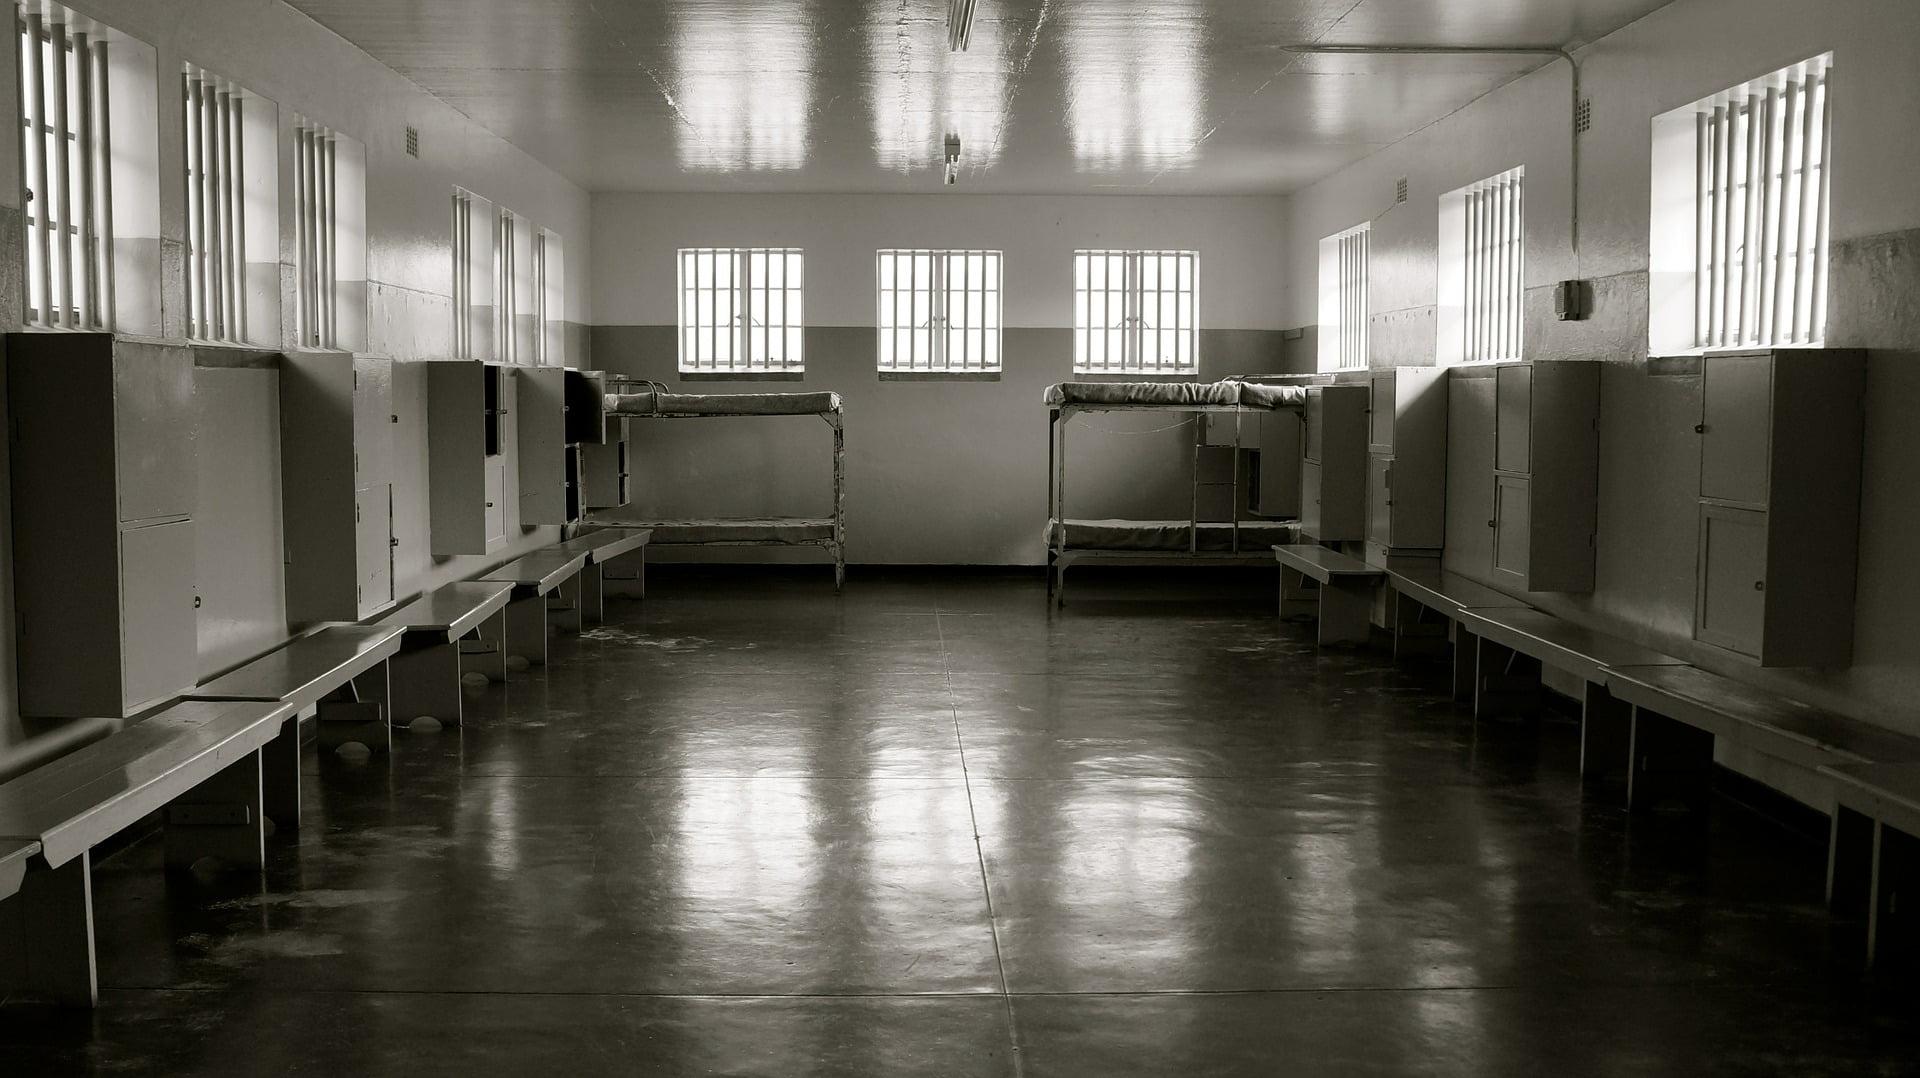 prison 589020 1920